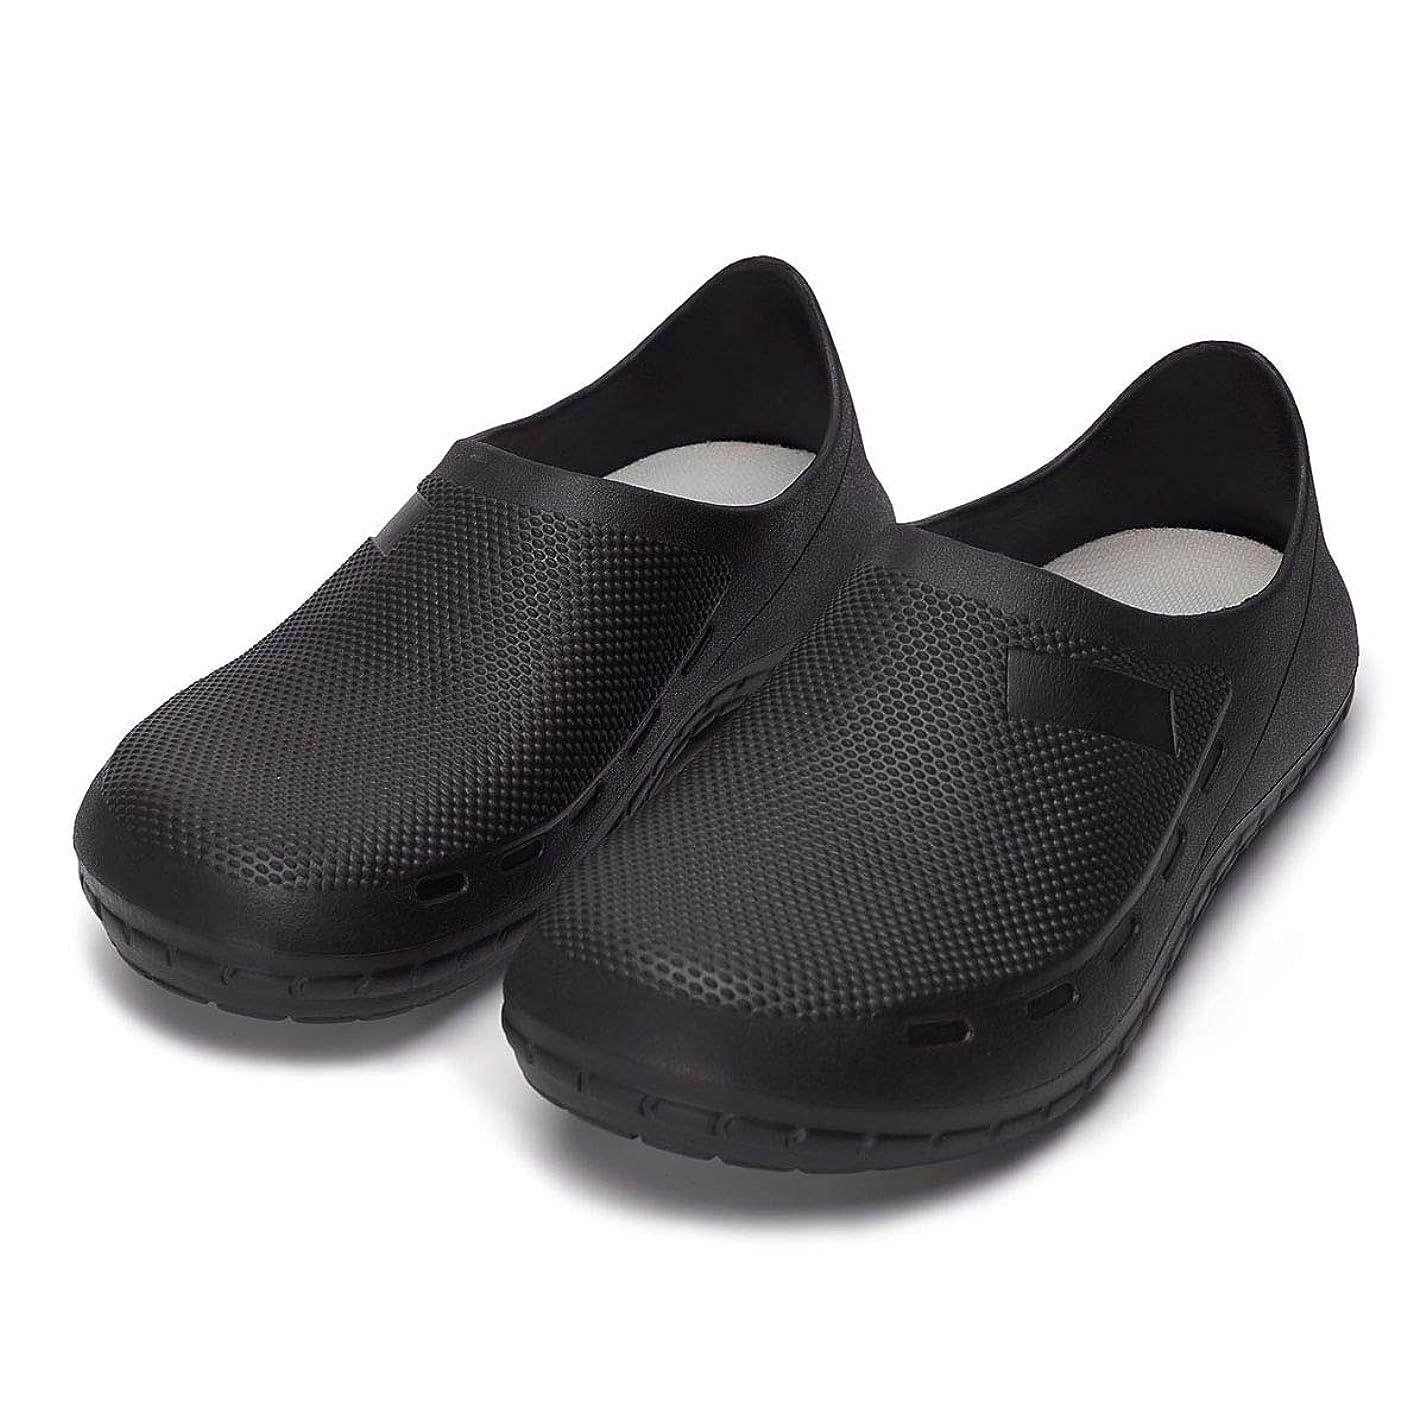 アトミックシャックル与えるコックシューズ 安全靴 作業靴 中敷き付き EVA 軽量 滑り止め 防臭 抗菌 耐水 耐油 疲れにくい 飲食店 厨房 男女兼用